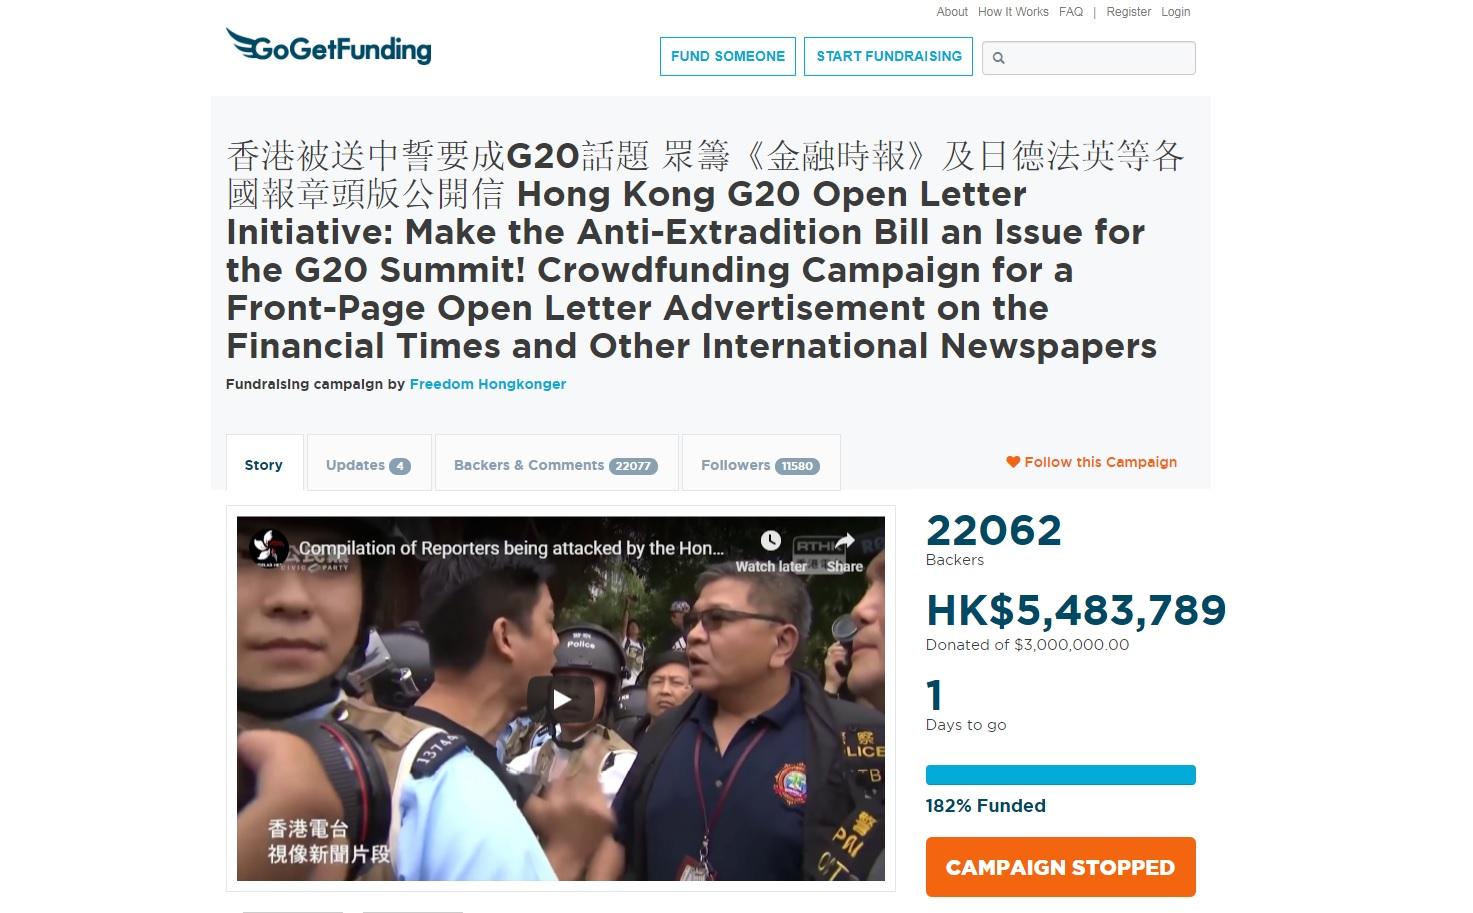 【超額完成】網民眾籌300萬全球登報 力促反修例成G20話題